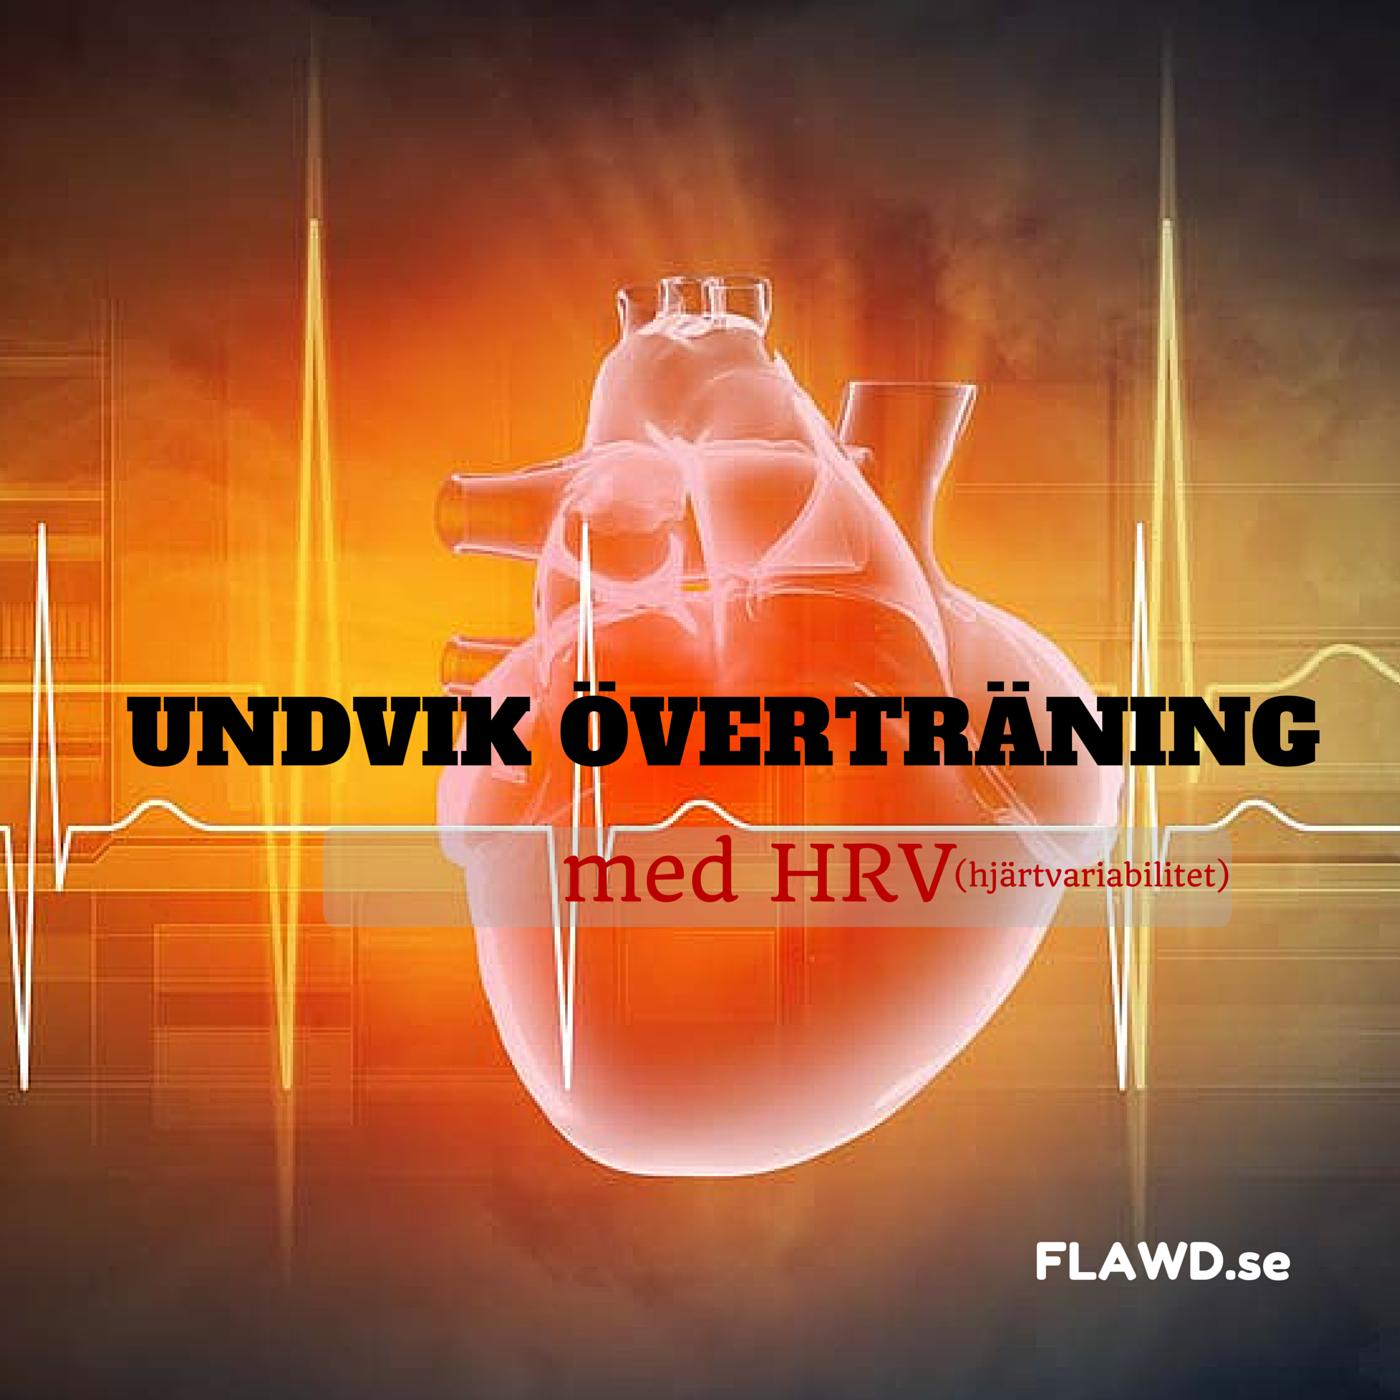 Undvik överträning med HRV (hjärtvariabilitet)